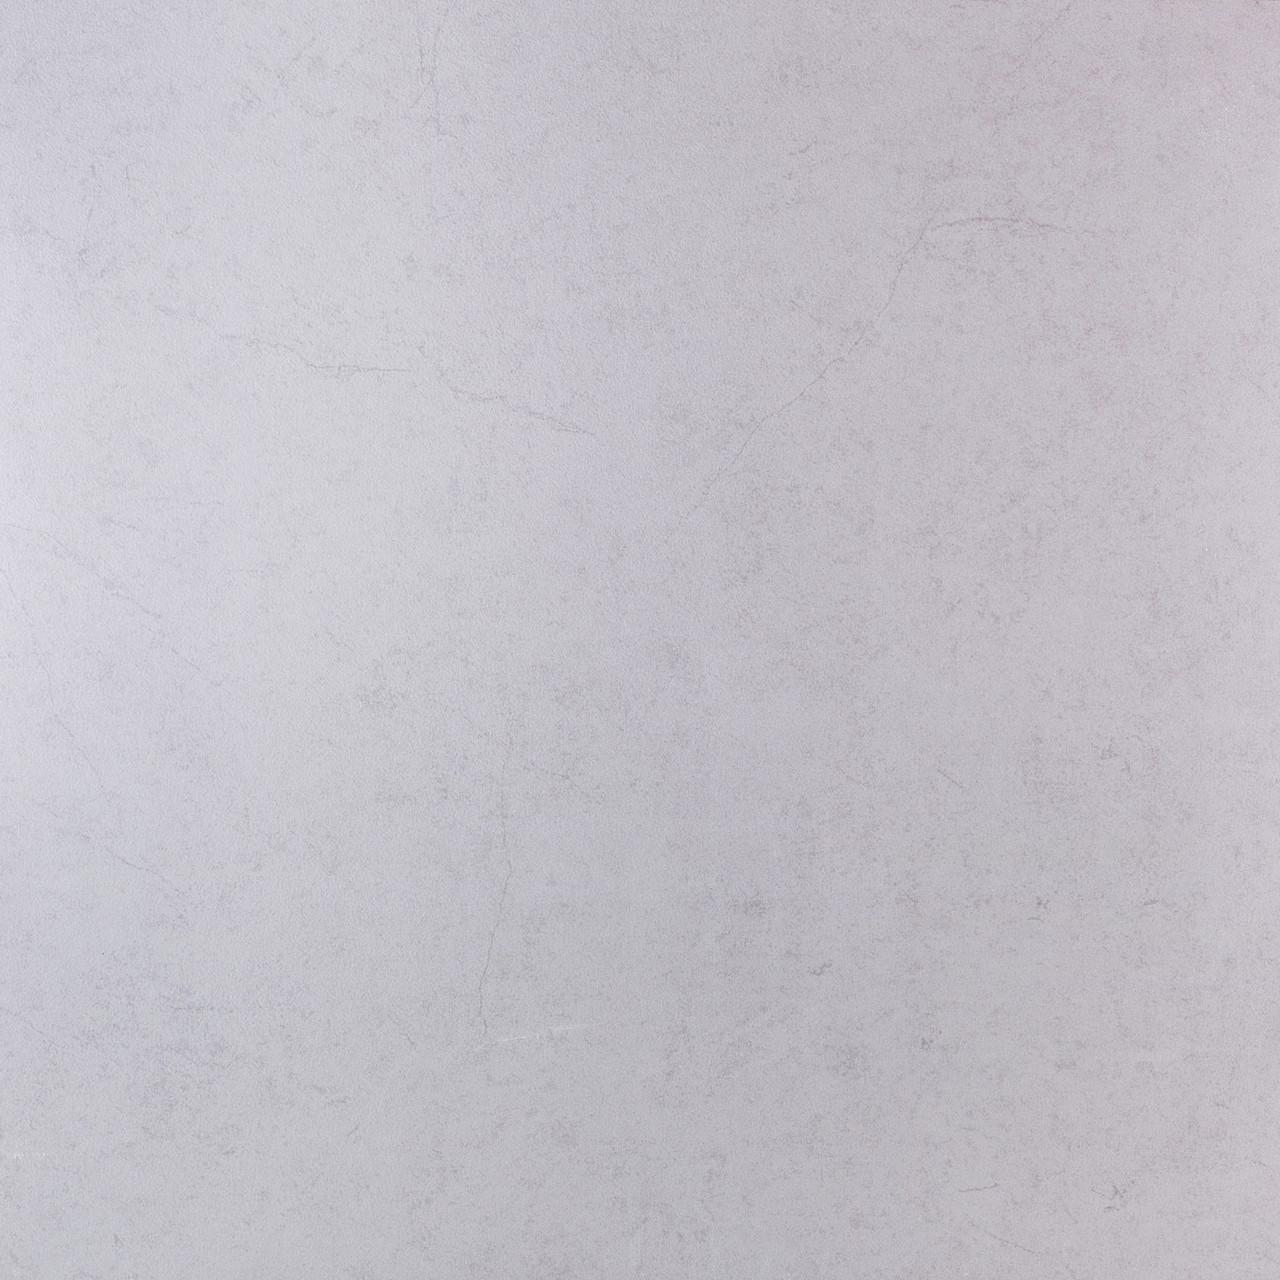 Керамогранит лапатированый белый 60х60